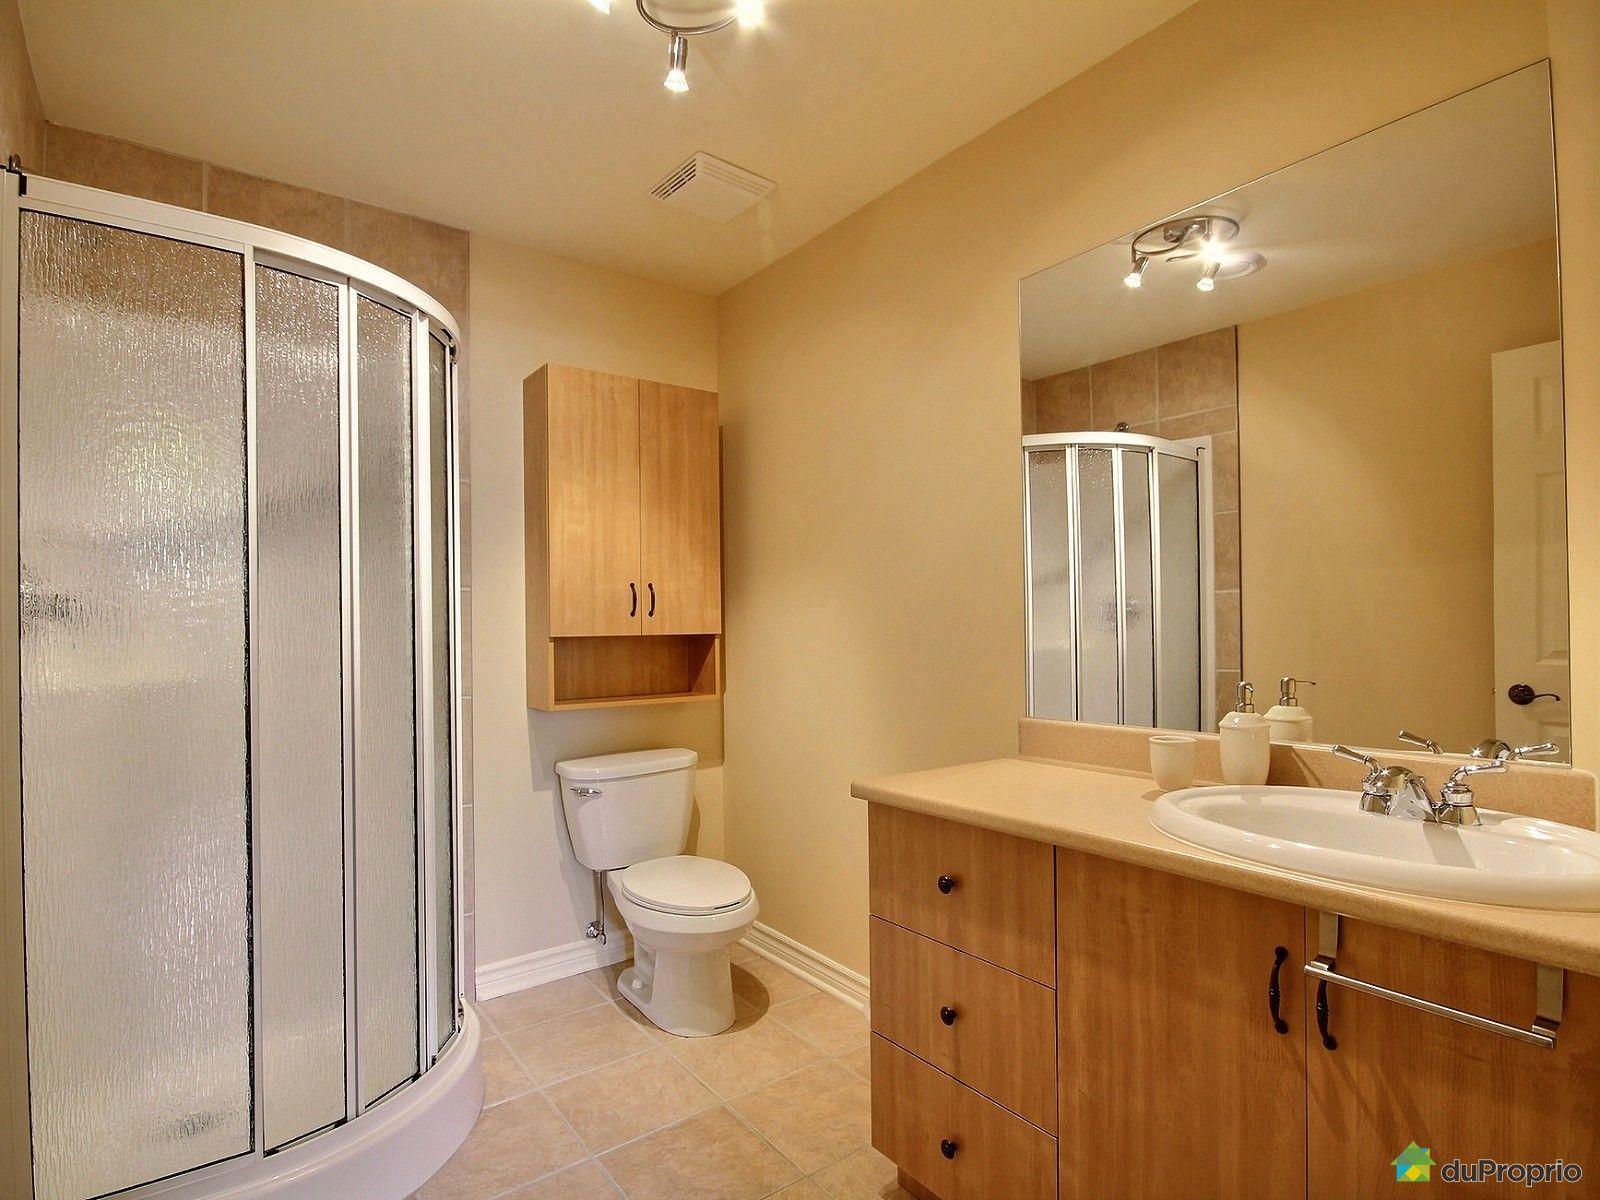 Maison vendre st j r me 942 rue dalhousie immobilier for Accessoire salle de bain st jerome